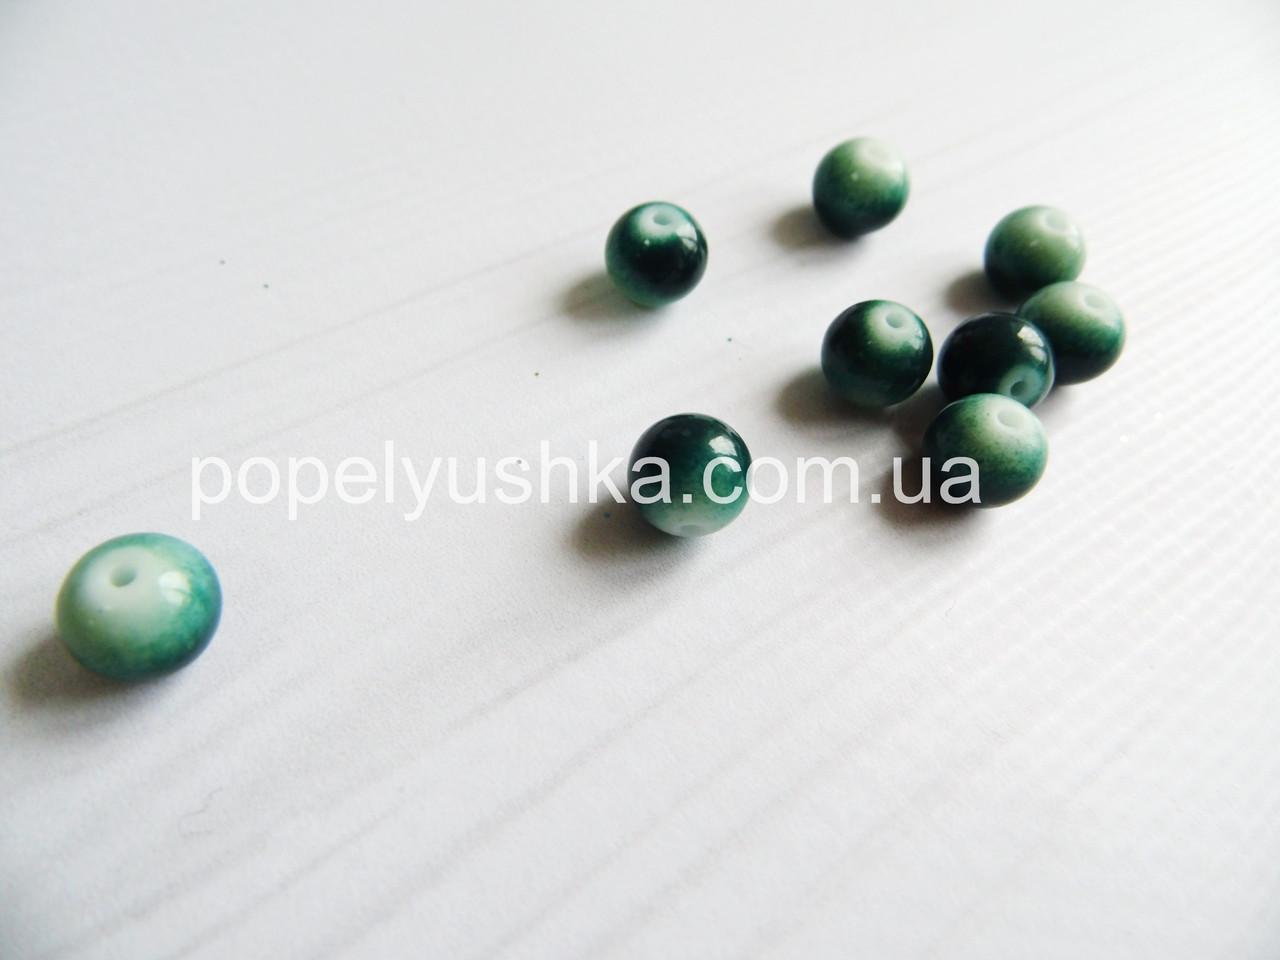 Намистини 8 мм  двоколірні (20 шт.). Темно-зелені з білим